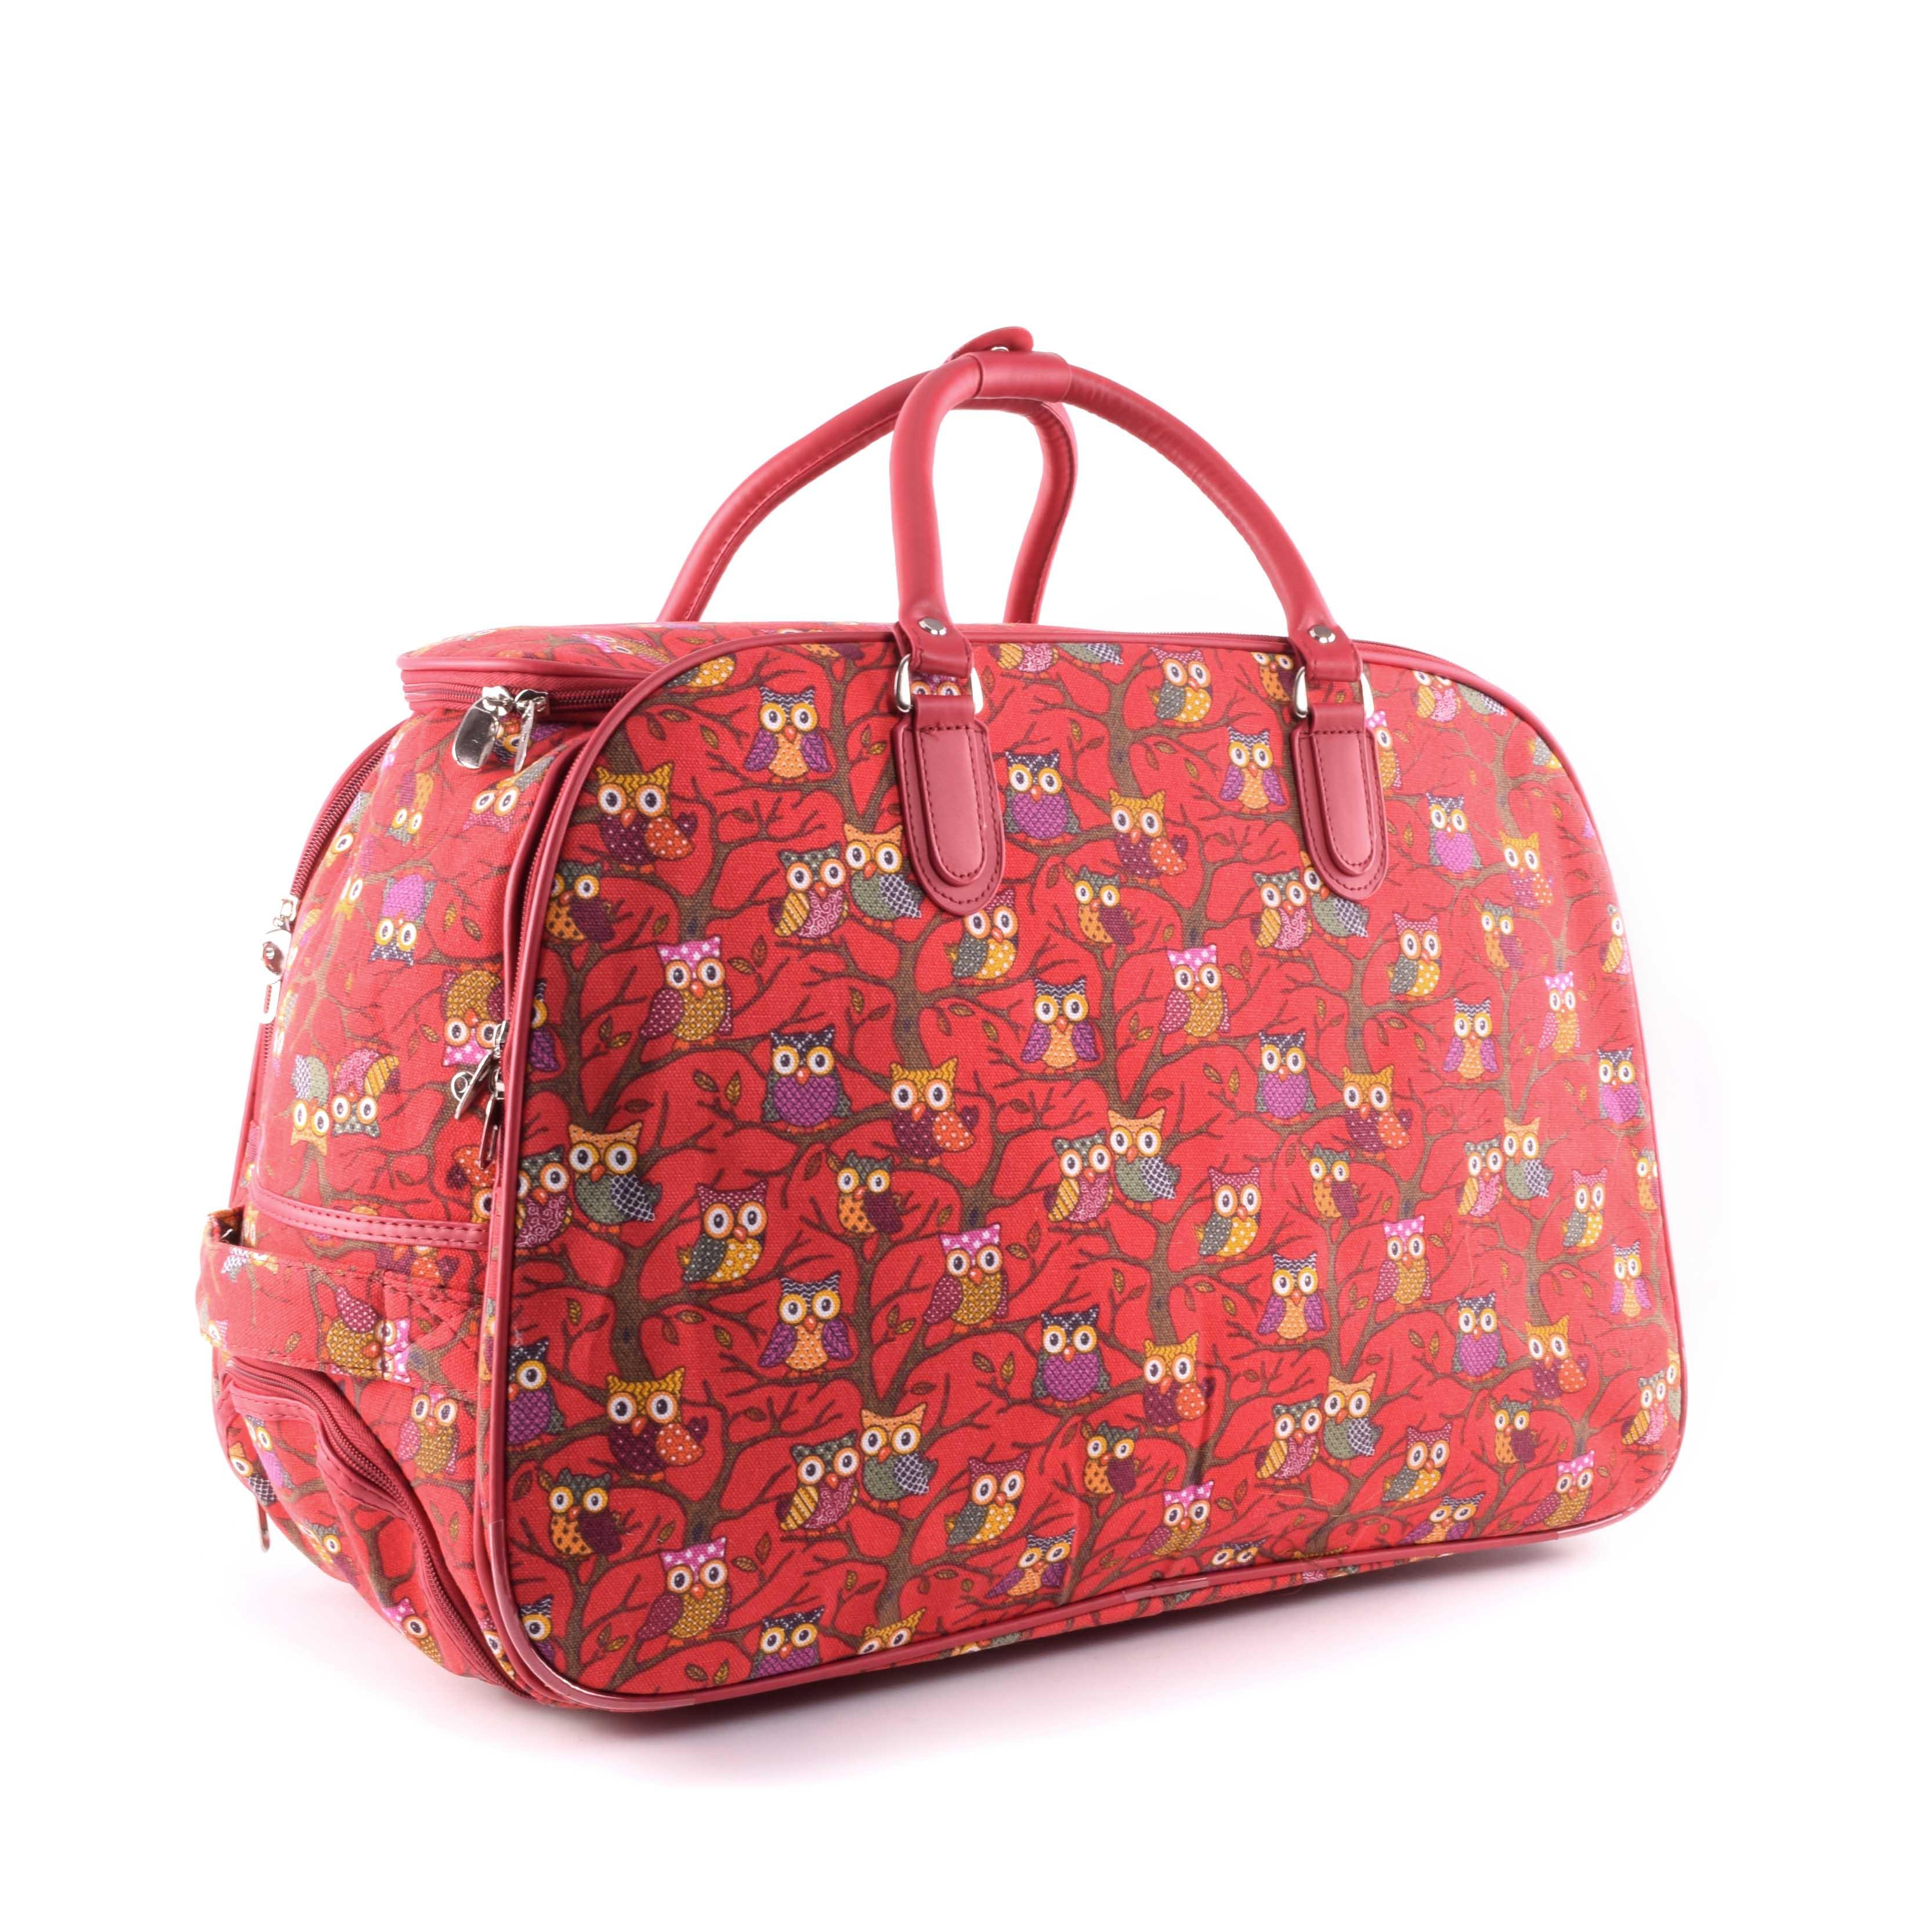 Besty Közepes Méretű Bagoly Mintás Gurulós Utazótáska piros - KÖZEPES MÉRETŰ  UTAZÓTÁSKA - Táska webáruház - Minőségi táskák mindenkinek 5bf46993b7